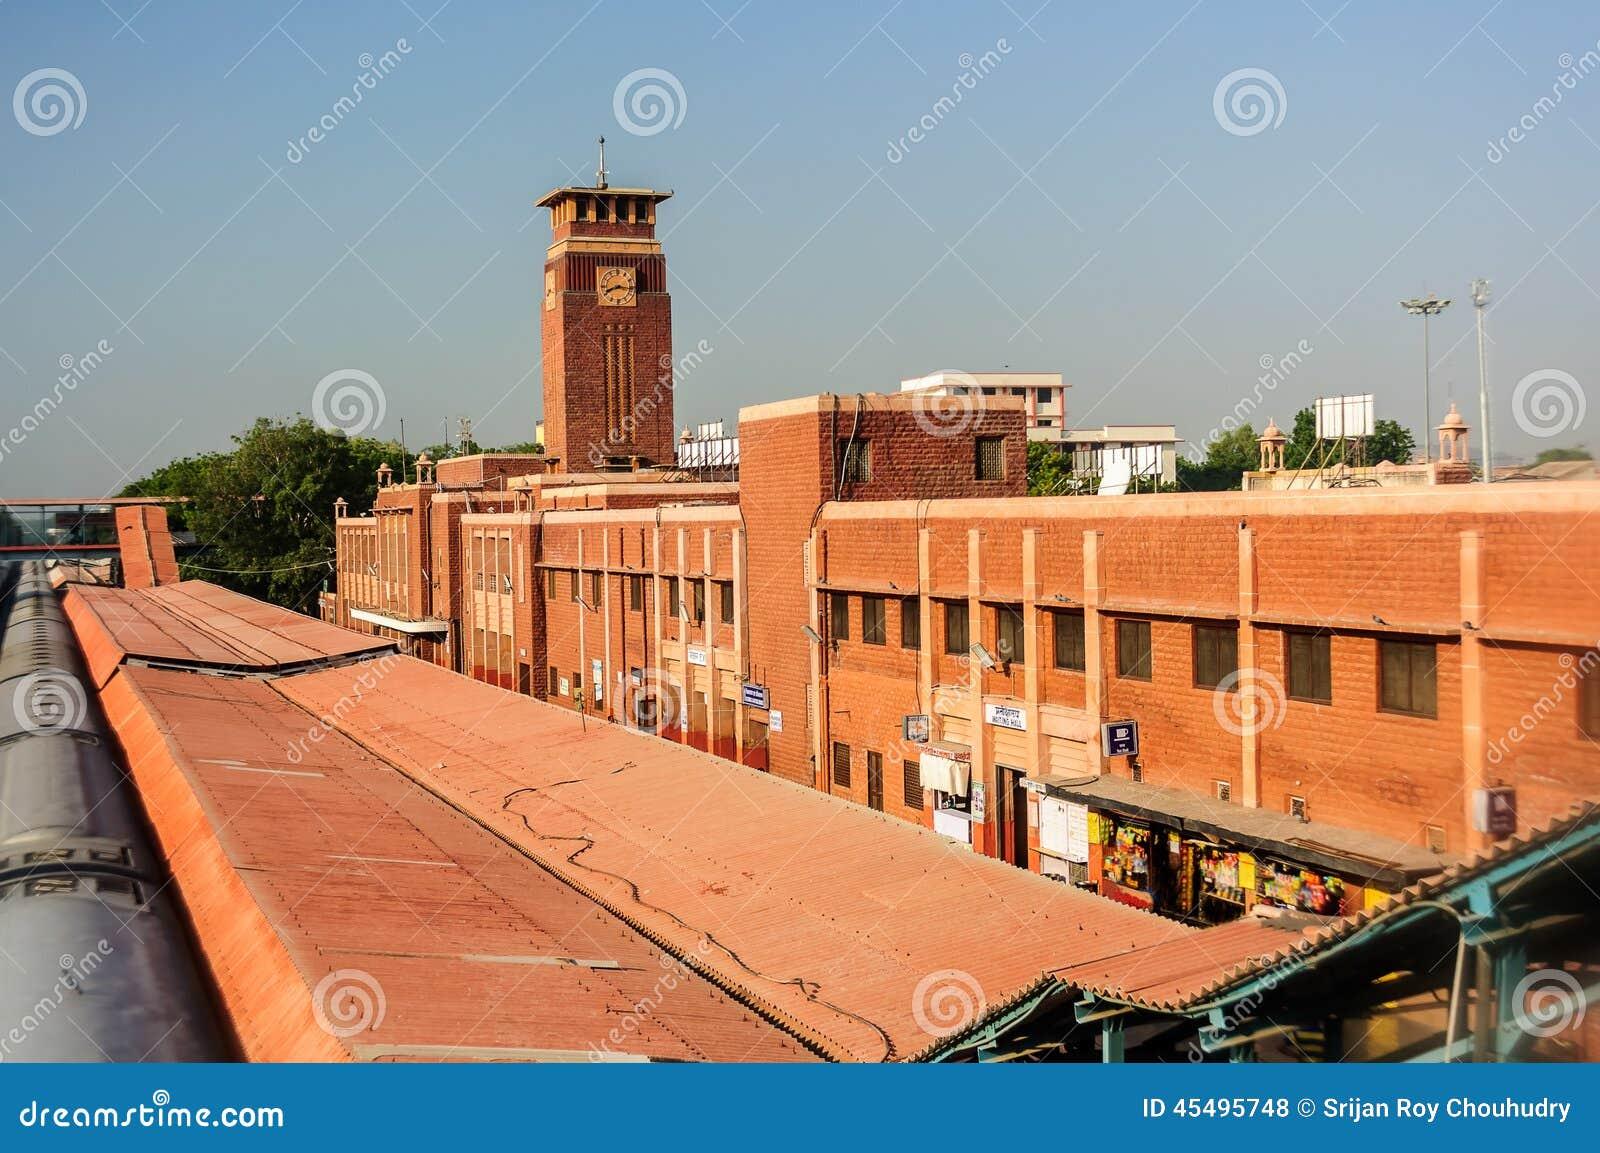 乔德普尔城、拉贾斯坦、印度火车或者火车站在清早